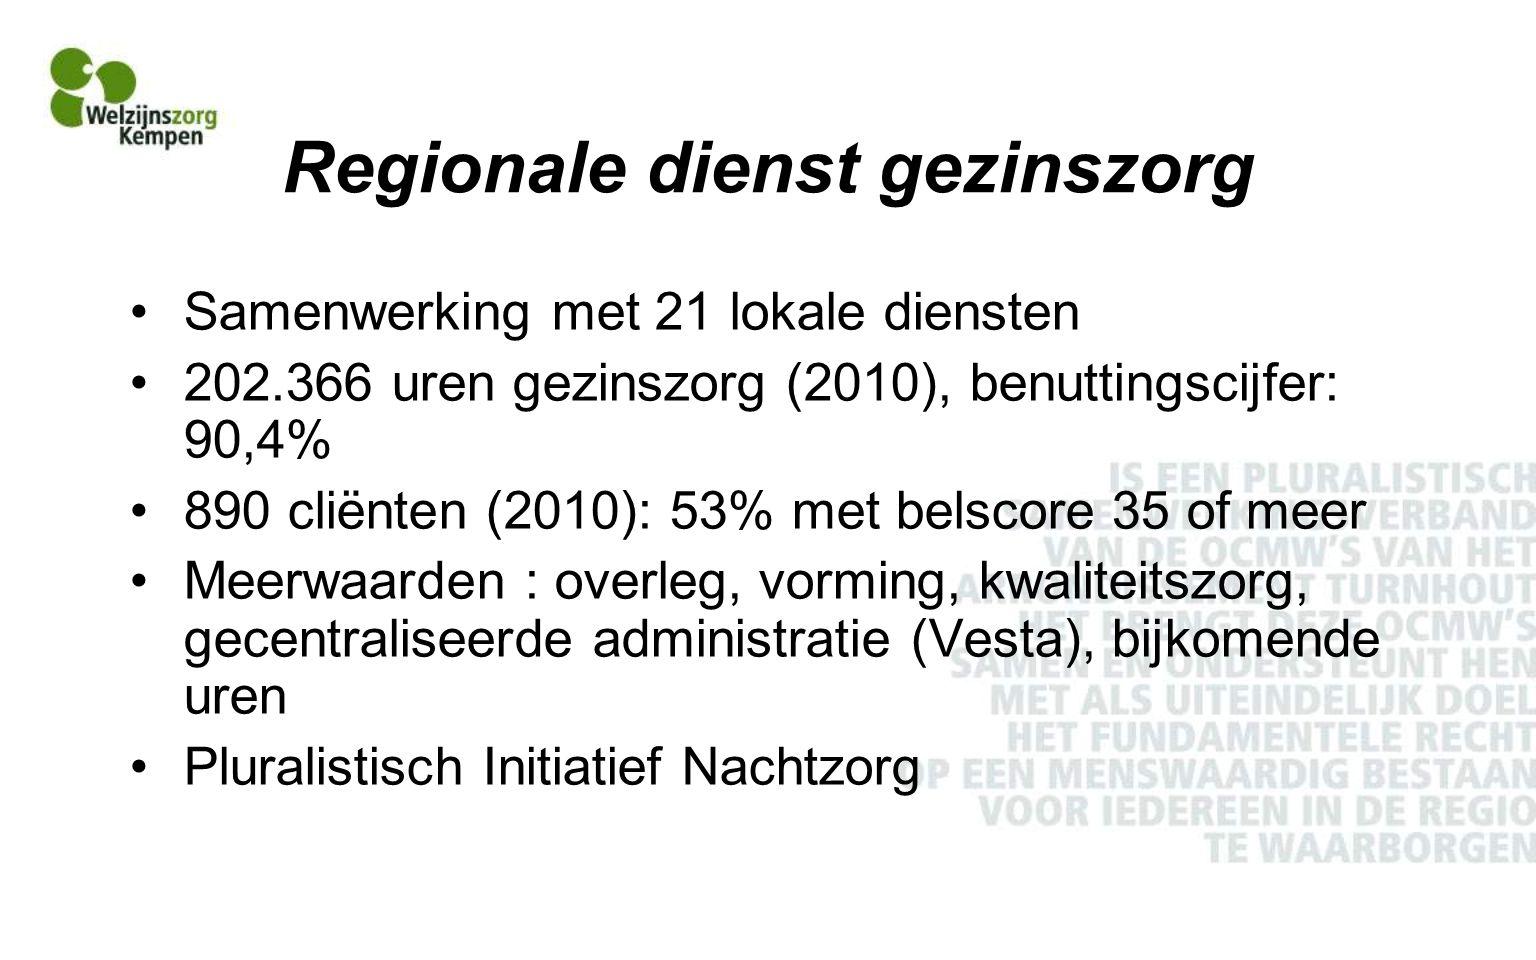 Regionale dienst gezinszorg Samenwerking met 21 lokale diensten 202.366 uren gezinszorg (2010), benuttingscijfer: 90,4% 890 cliënten (2010): 53% met belscore 35 of meer Meerwaarden : overleg, vorming, kwaliteitszorg, gecentraliseerde administratie (Vesta), bijkomende uren Pluralistisch Initiatief Nachtzorg